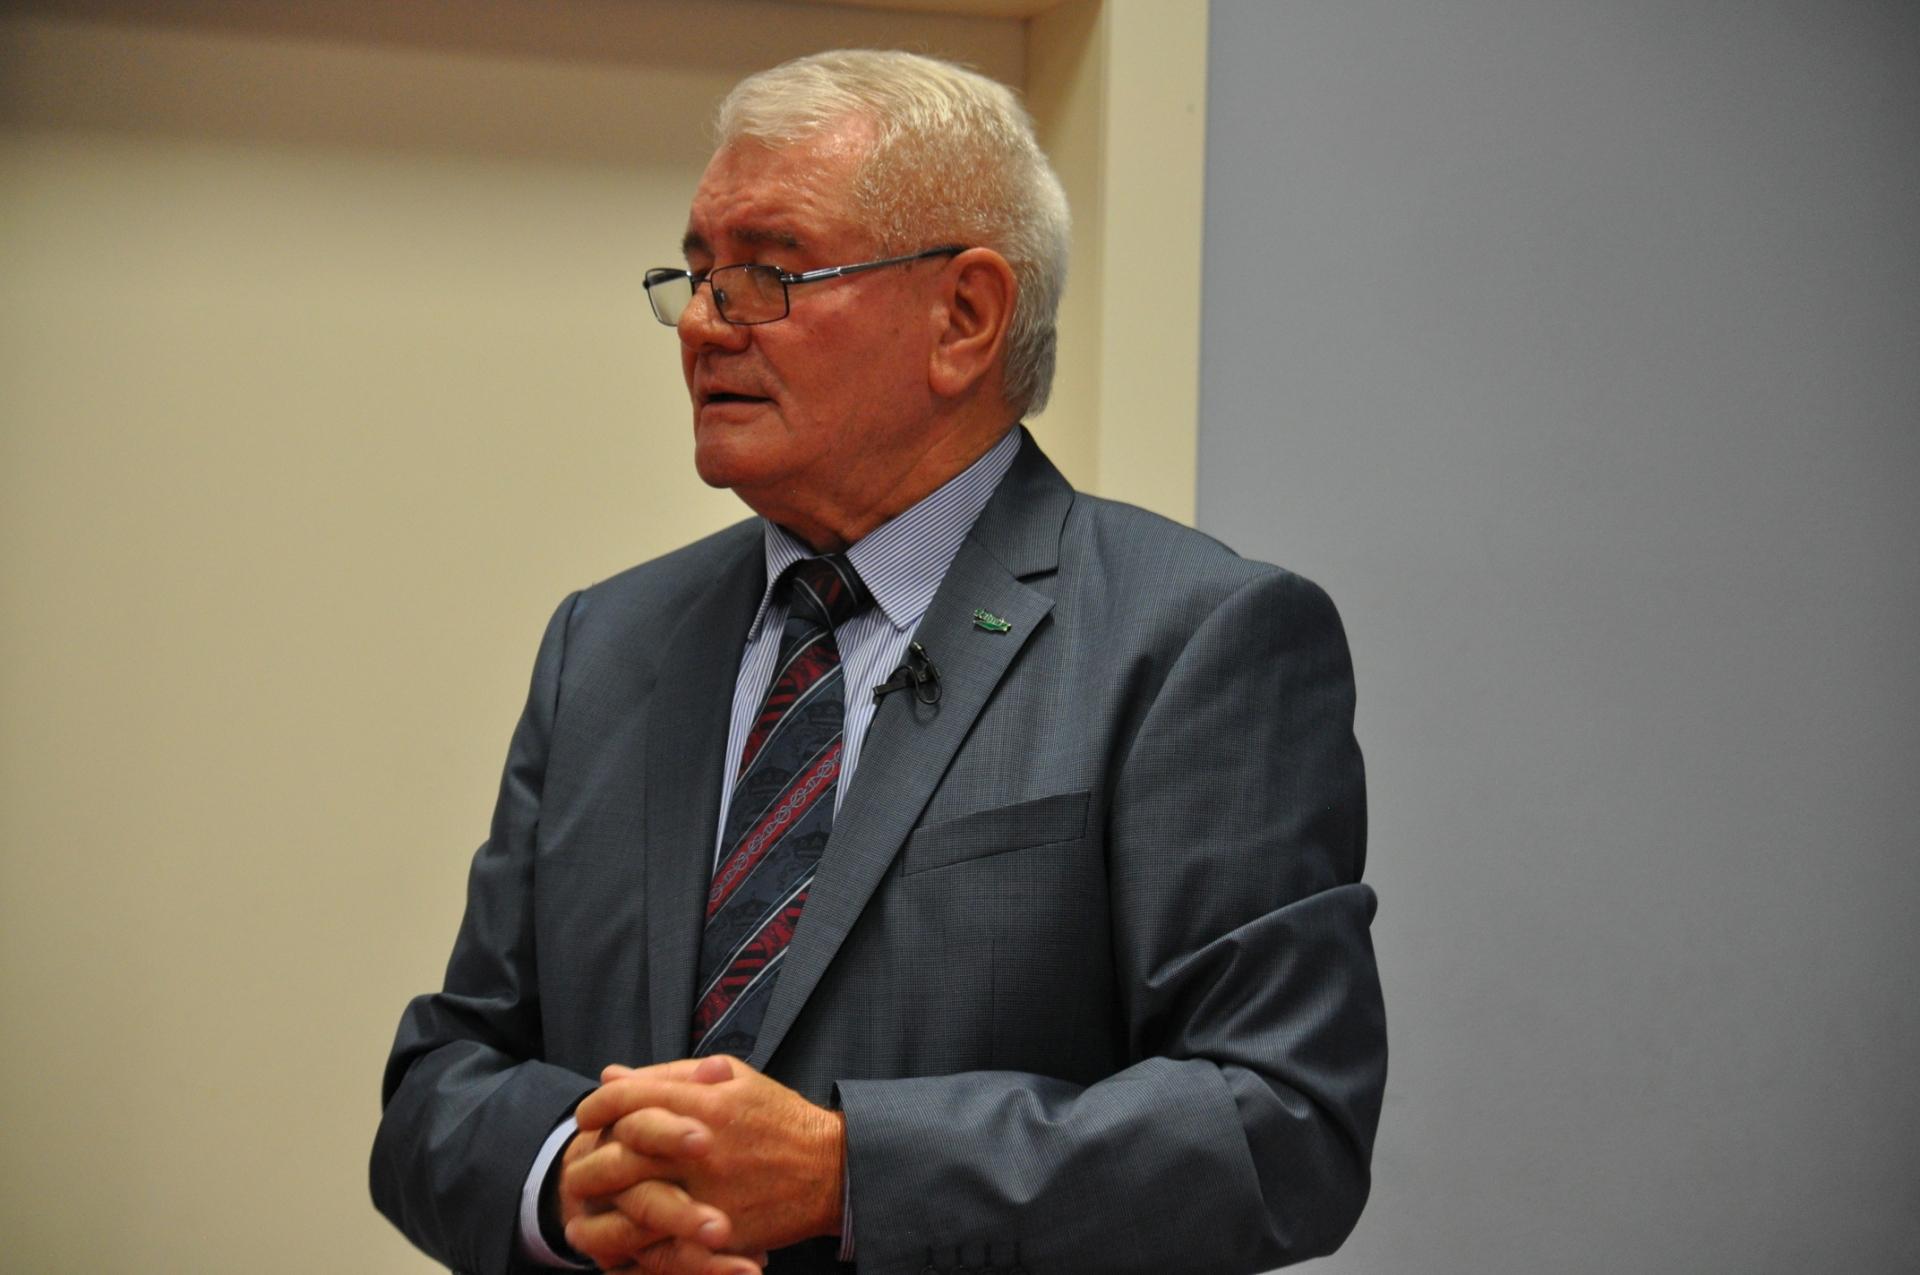 Predsjednik kompanije Tehnix g. Đuro Horvat održao predavanje povodom početka akademske godine